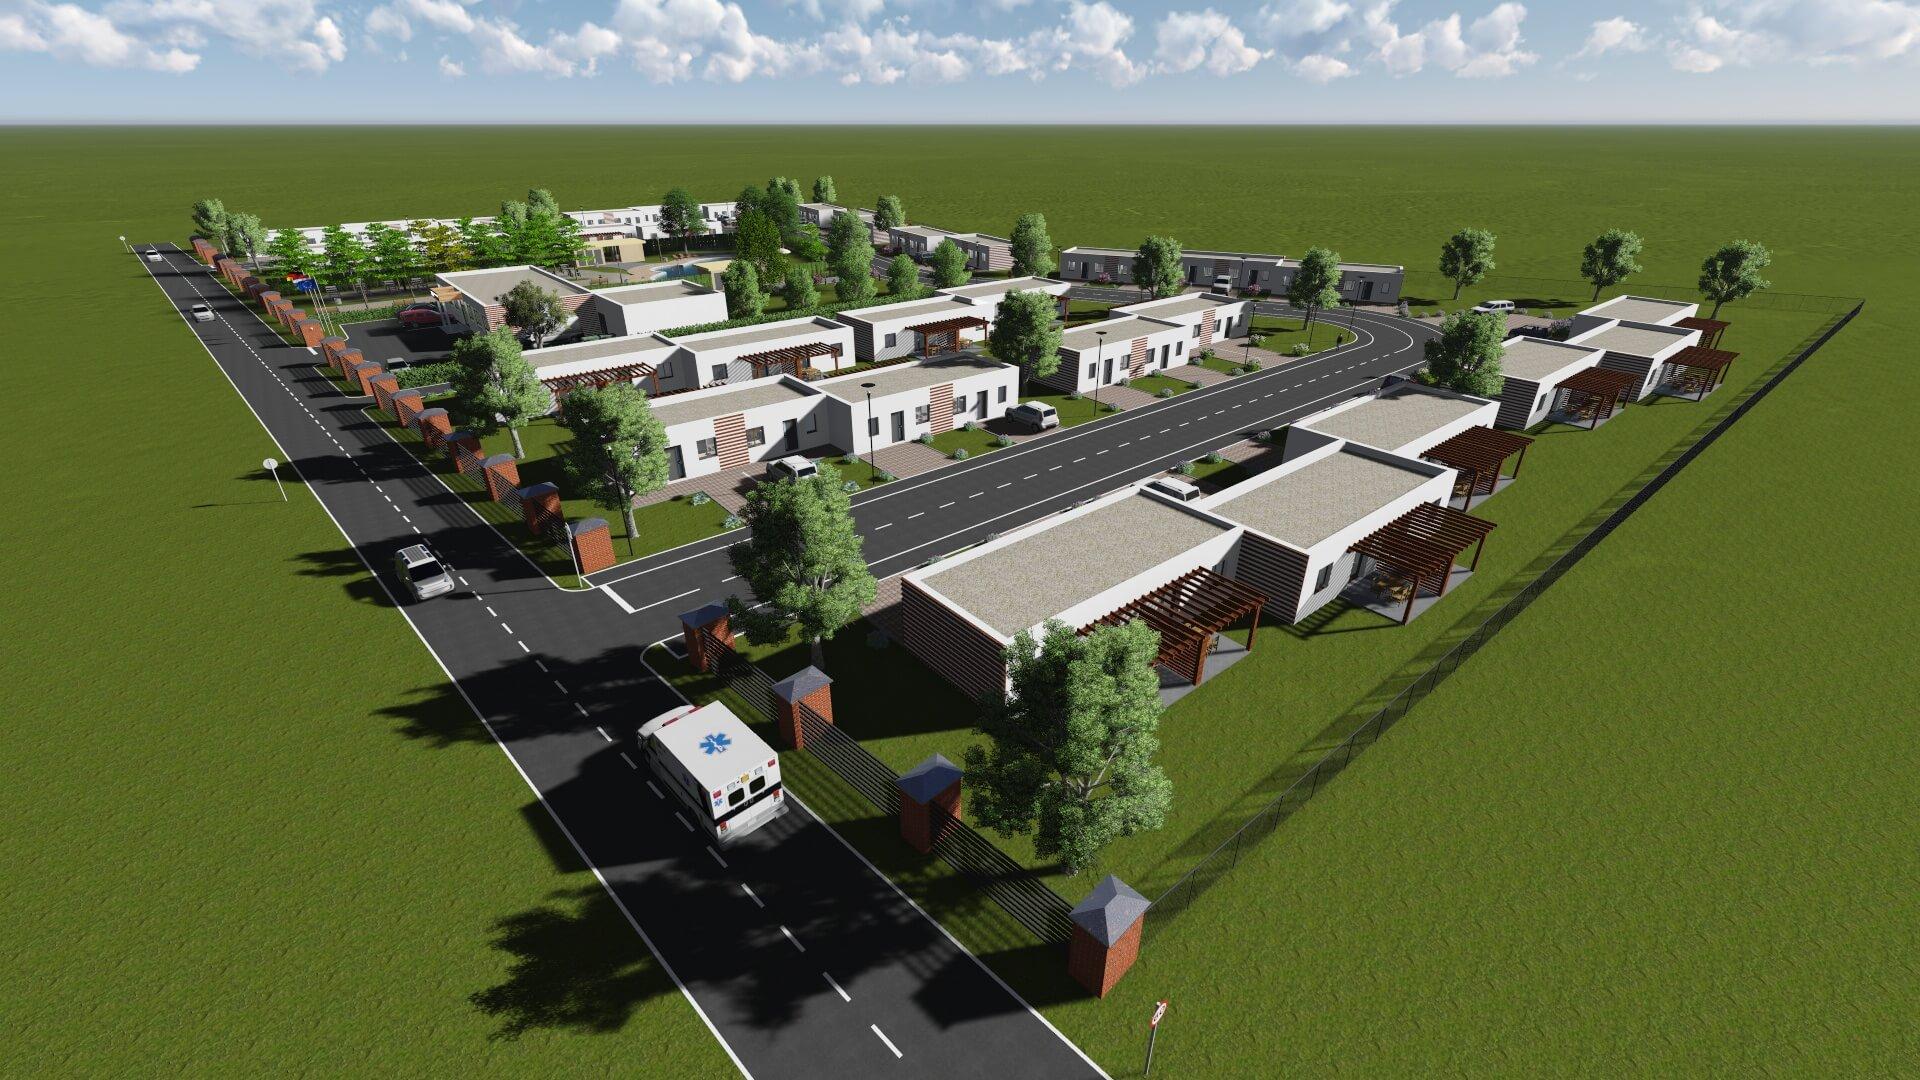 Hrvatska dobiva prvo moderno naselje za umirovljenike. Pogledajte kako će izgledati!